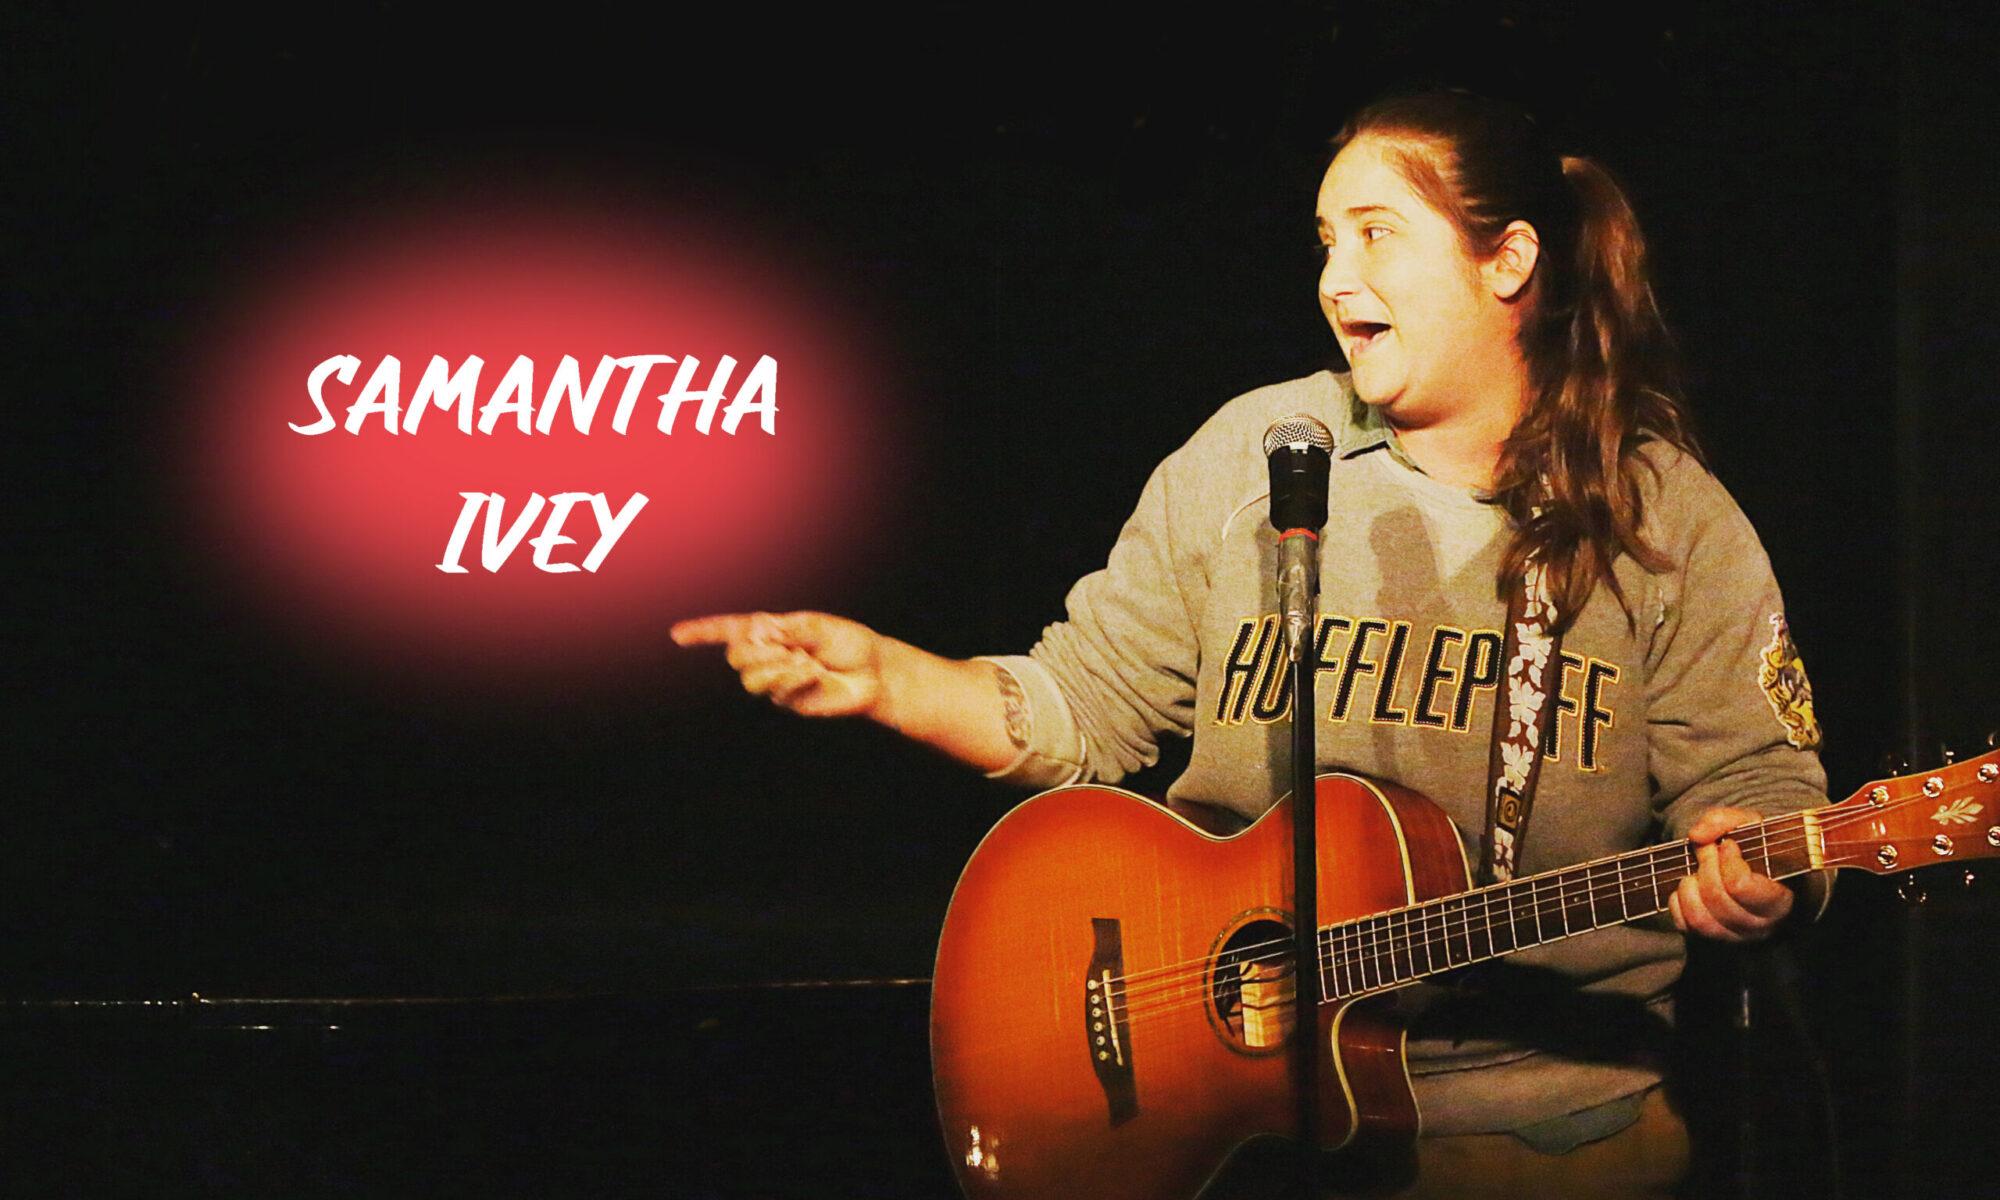 Samantha Ivey